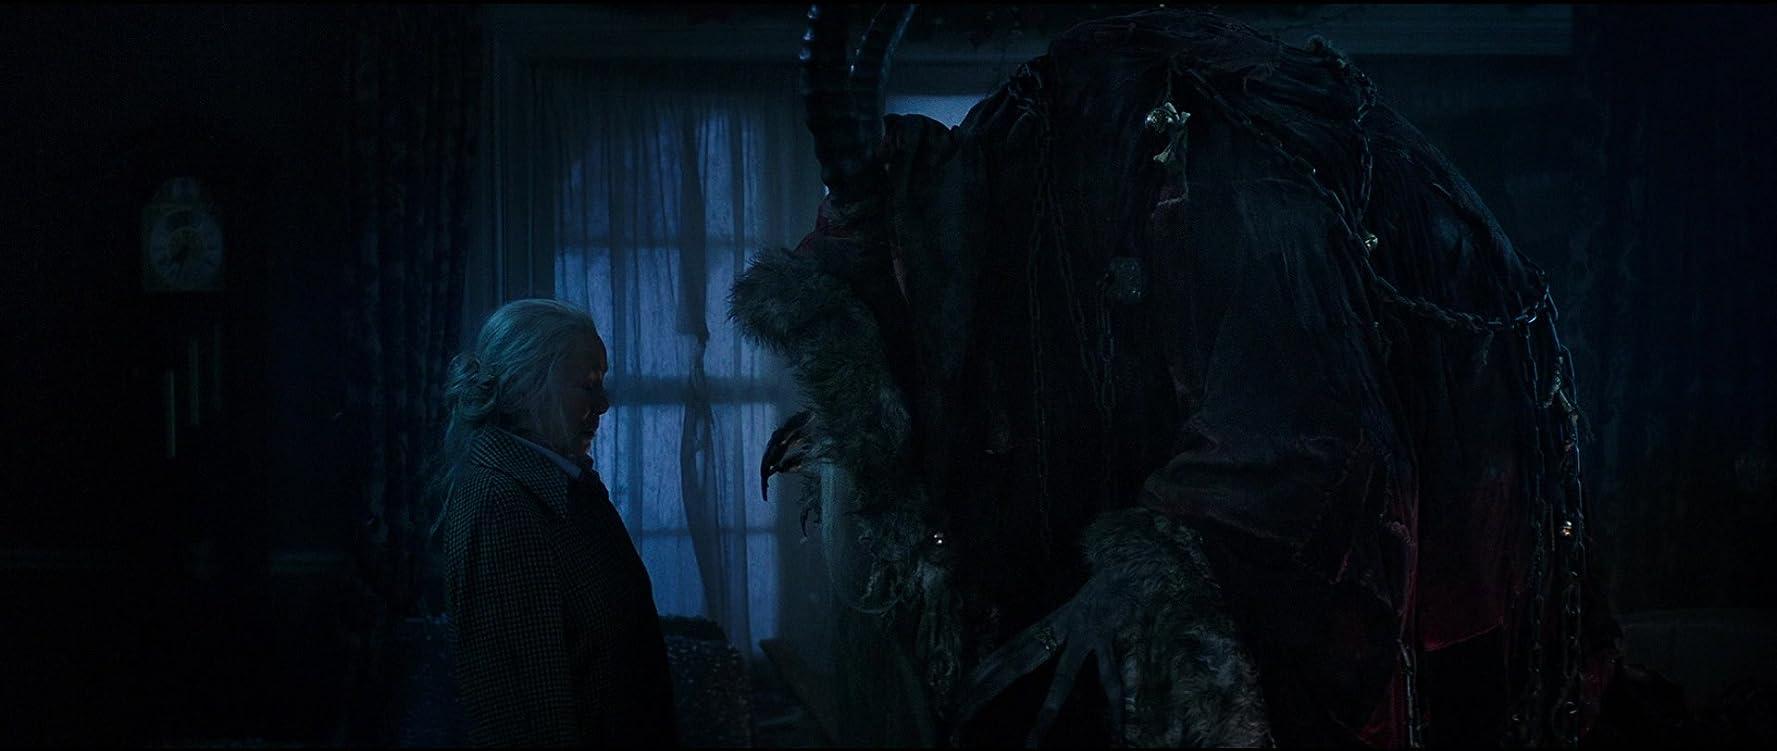 Salah satu adegan di dalam film Krampus